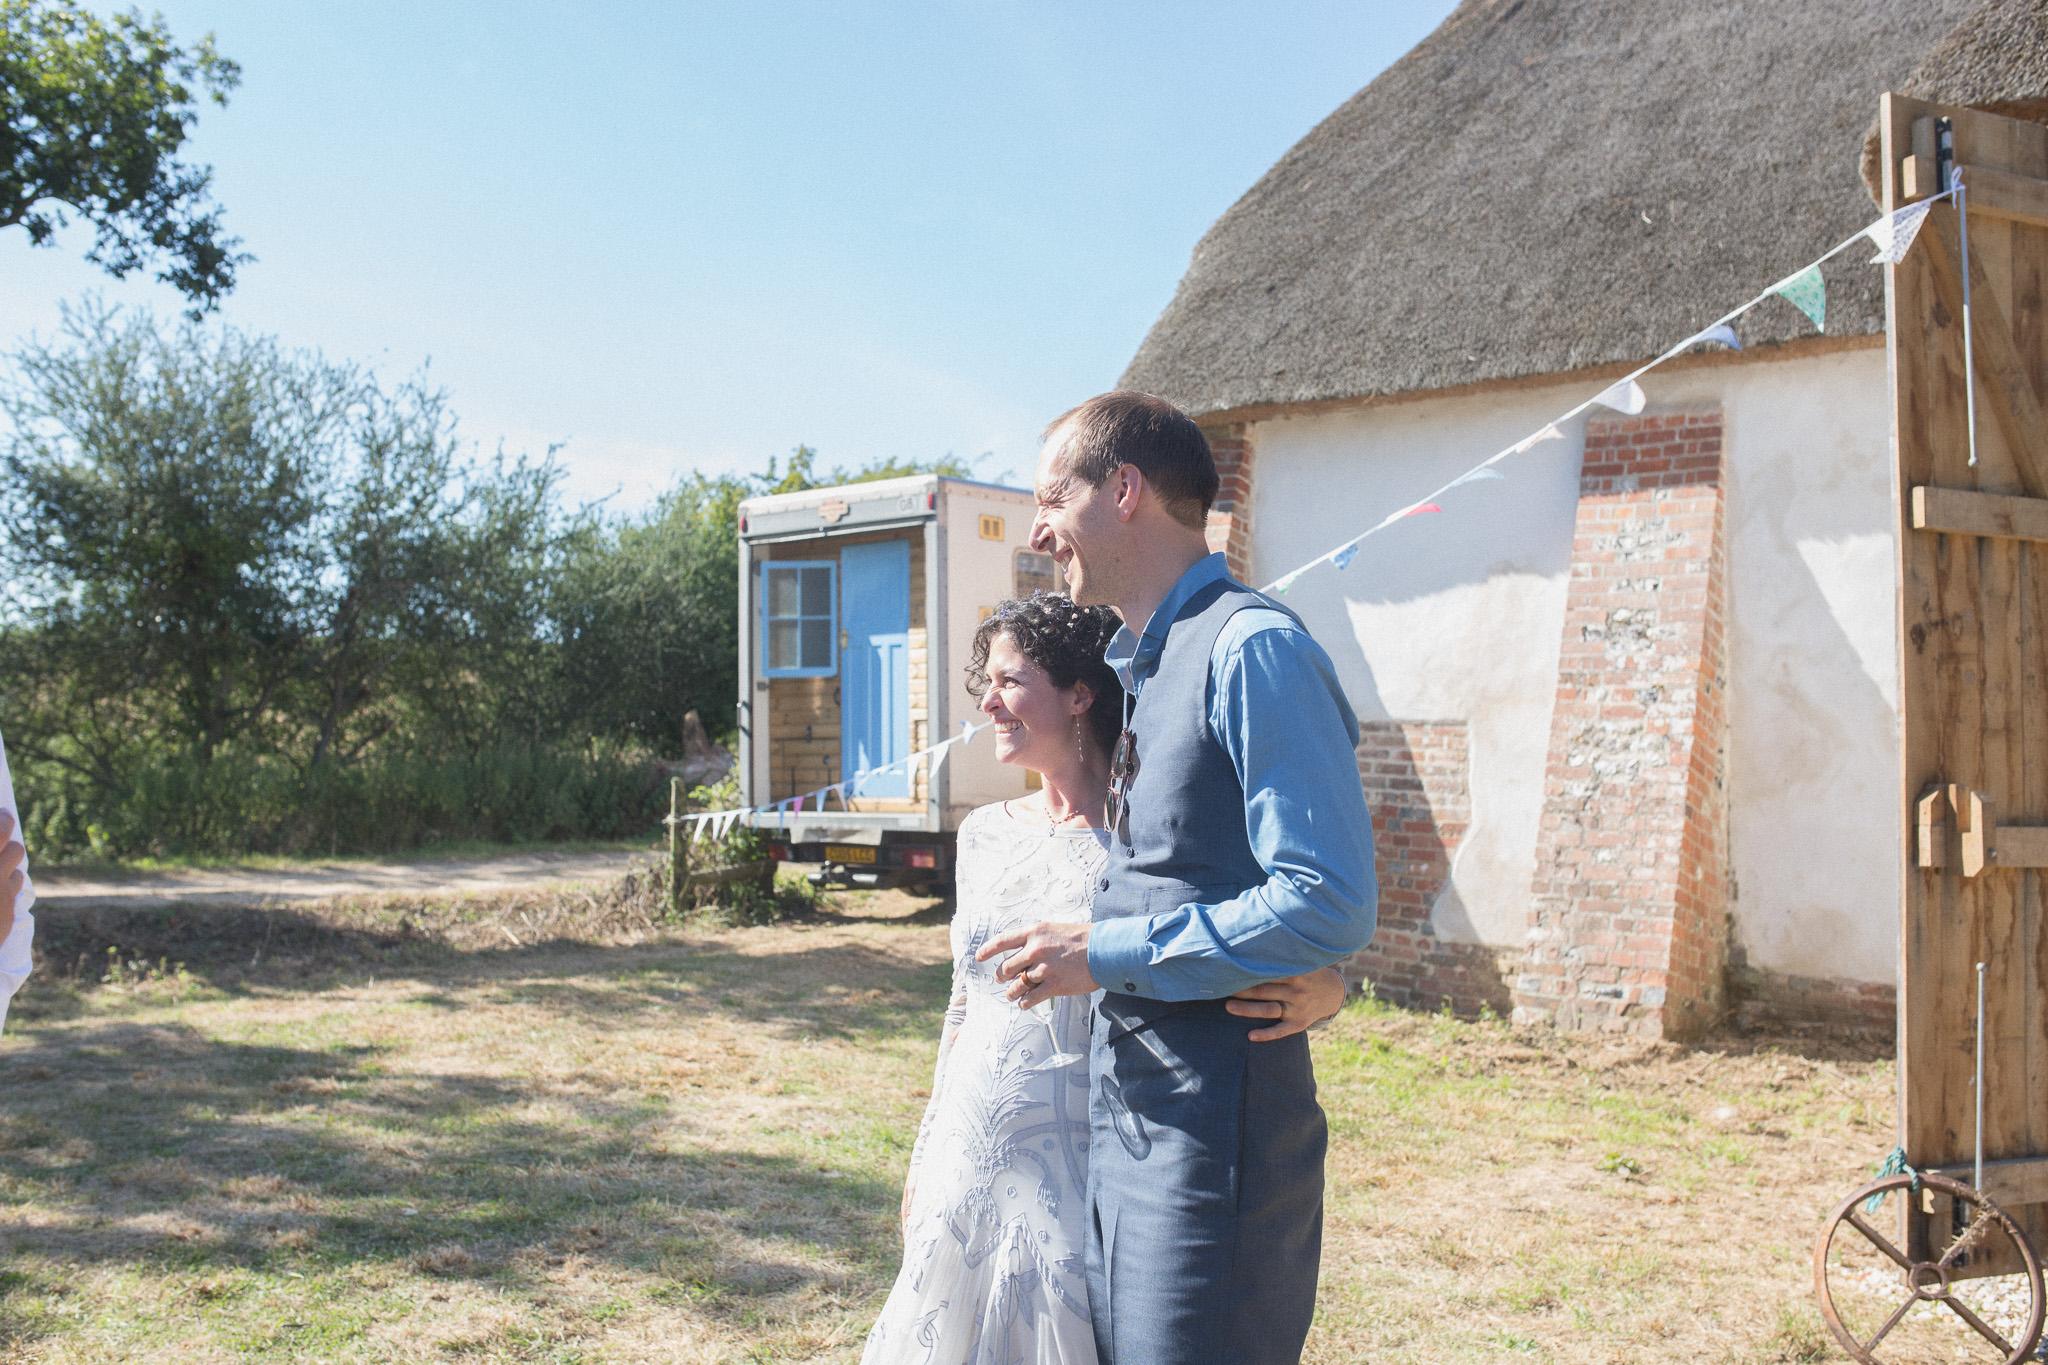 Elisa-Ryan-Rustic-Wedding-Blog-106.jpg